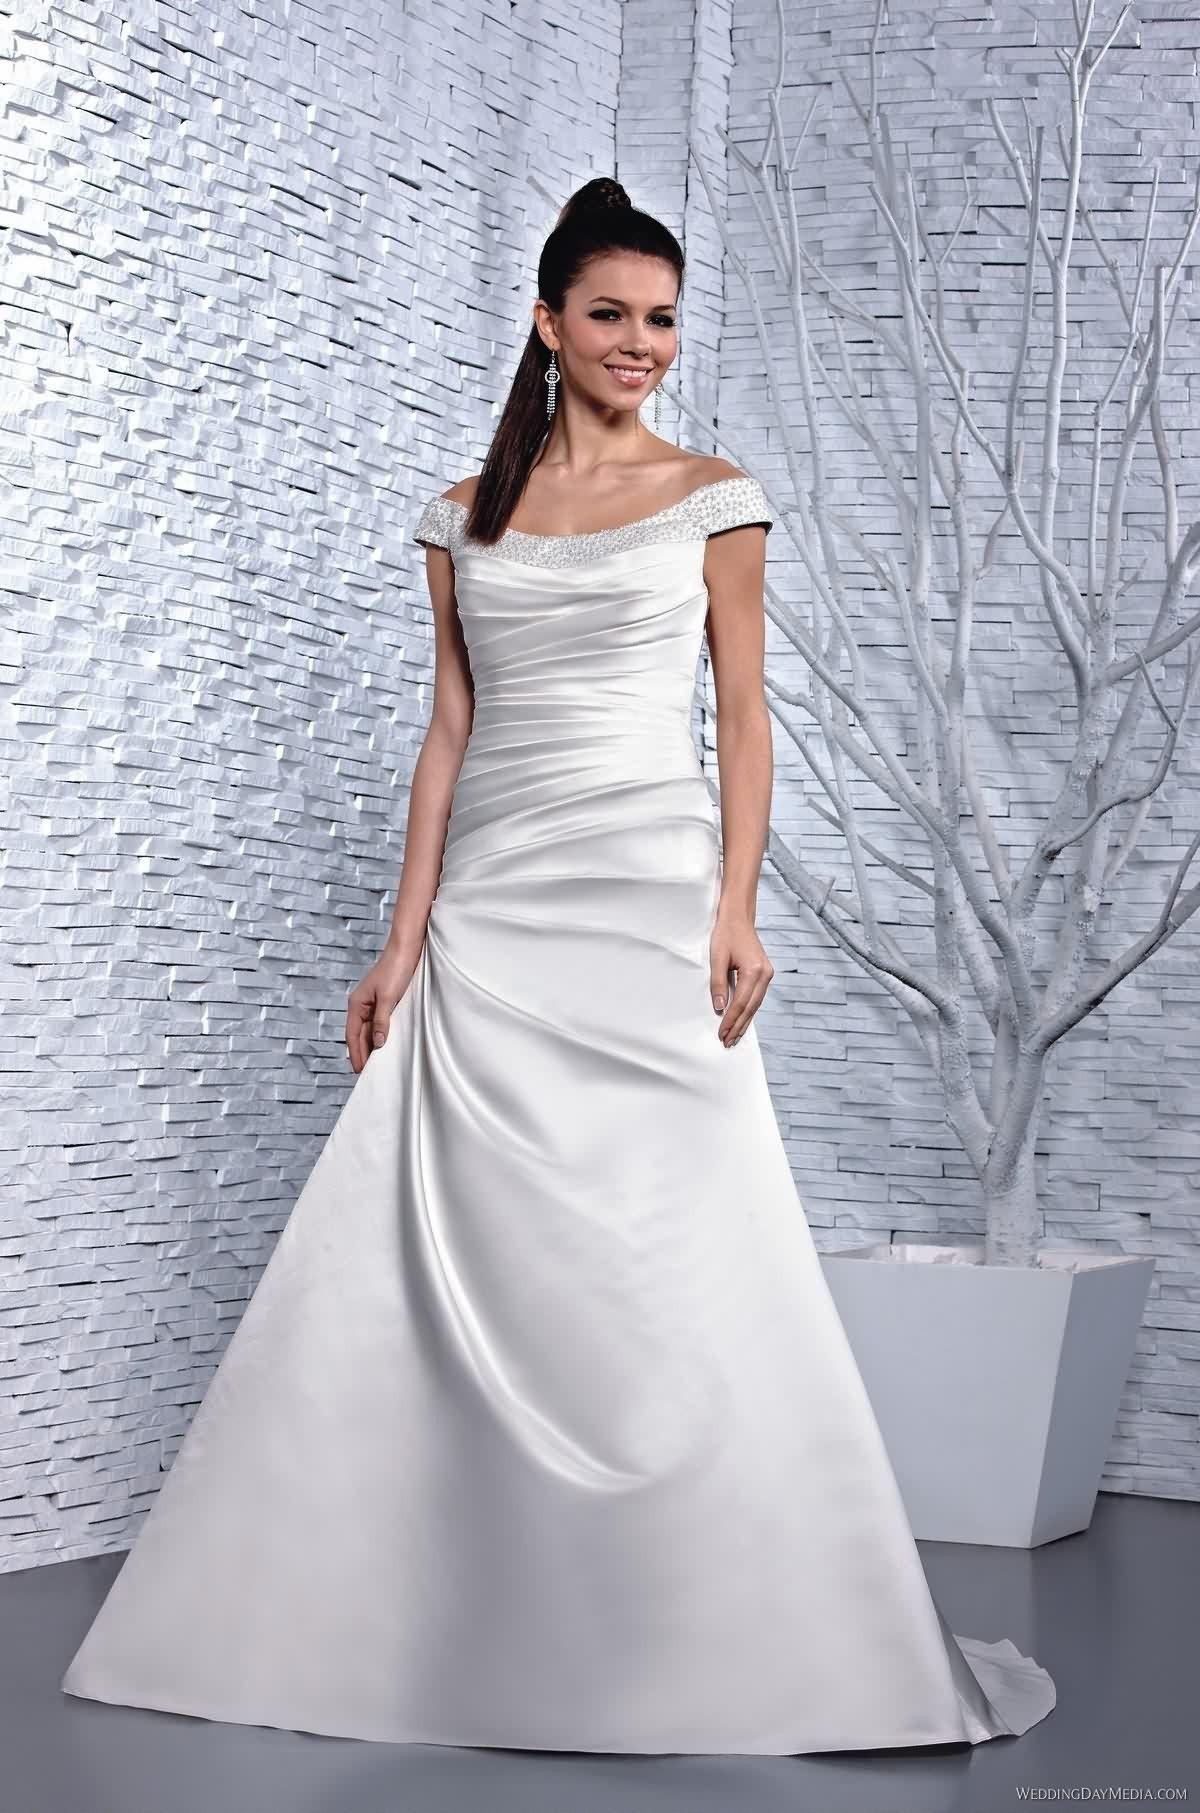 Dzage d31200 dzage wedding dresses 2013 24576 dzage alfred dzage d31200 dzage wedding dresses 2013 24576 ombrellifo Choice Image